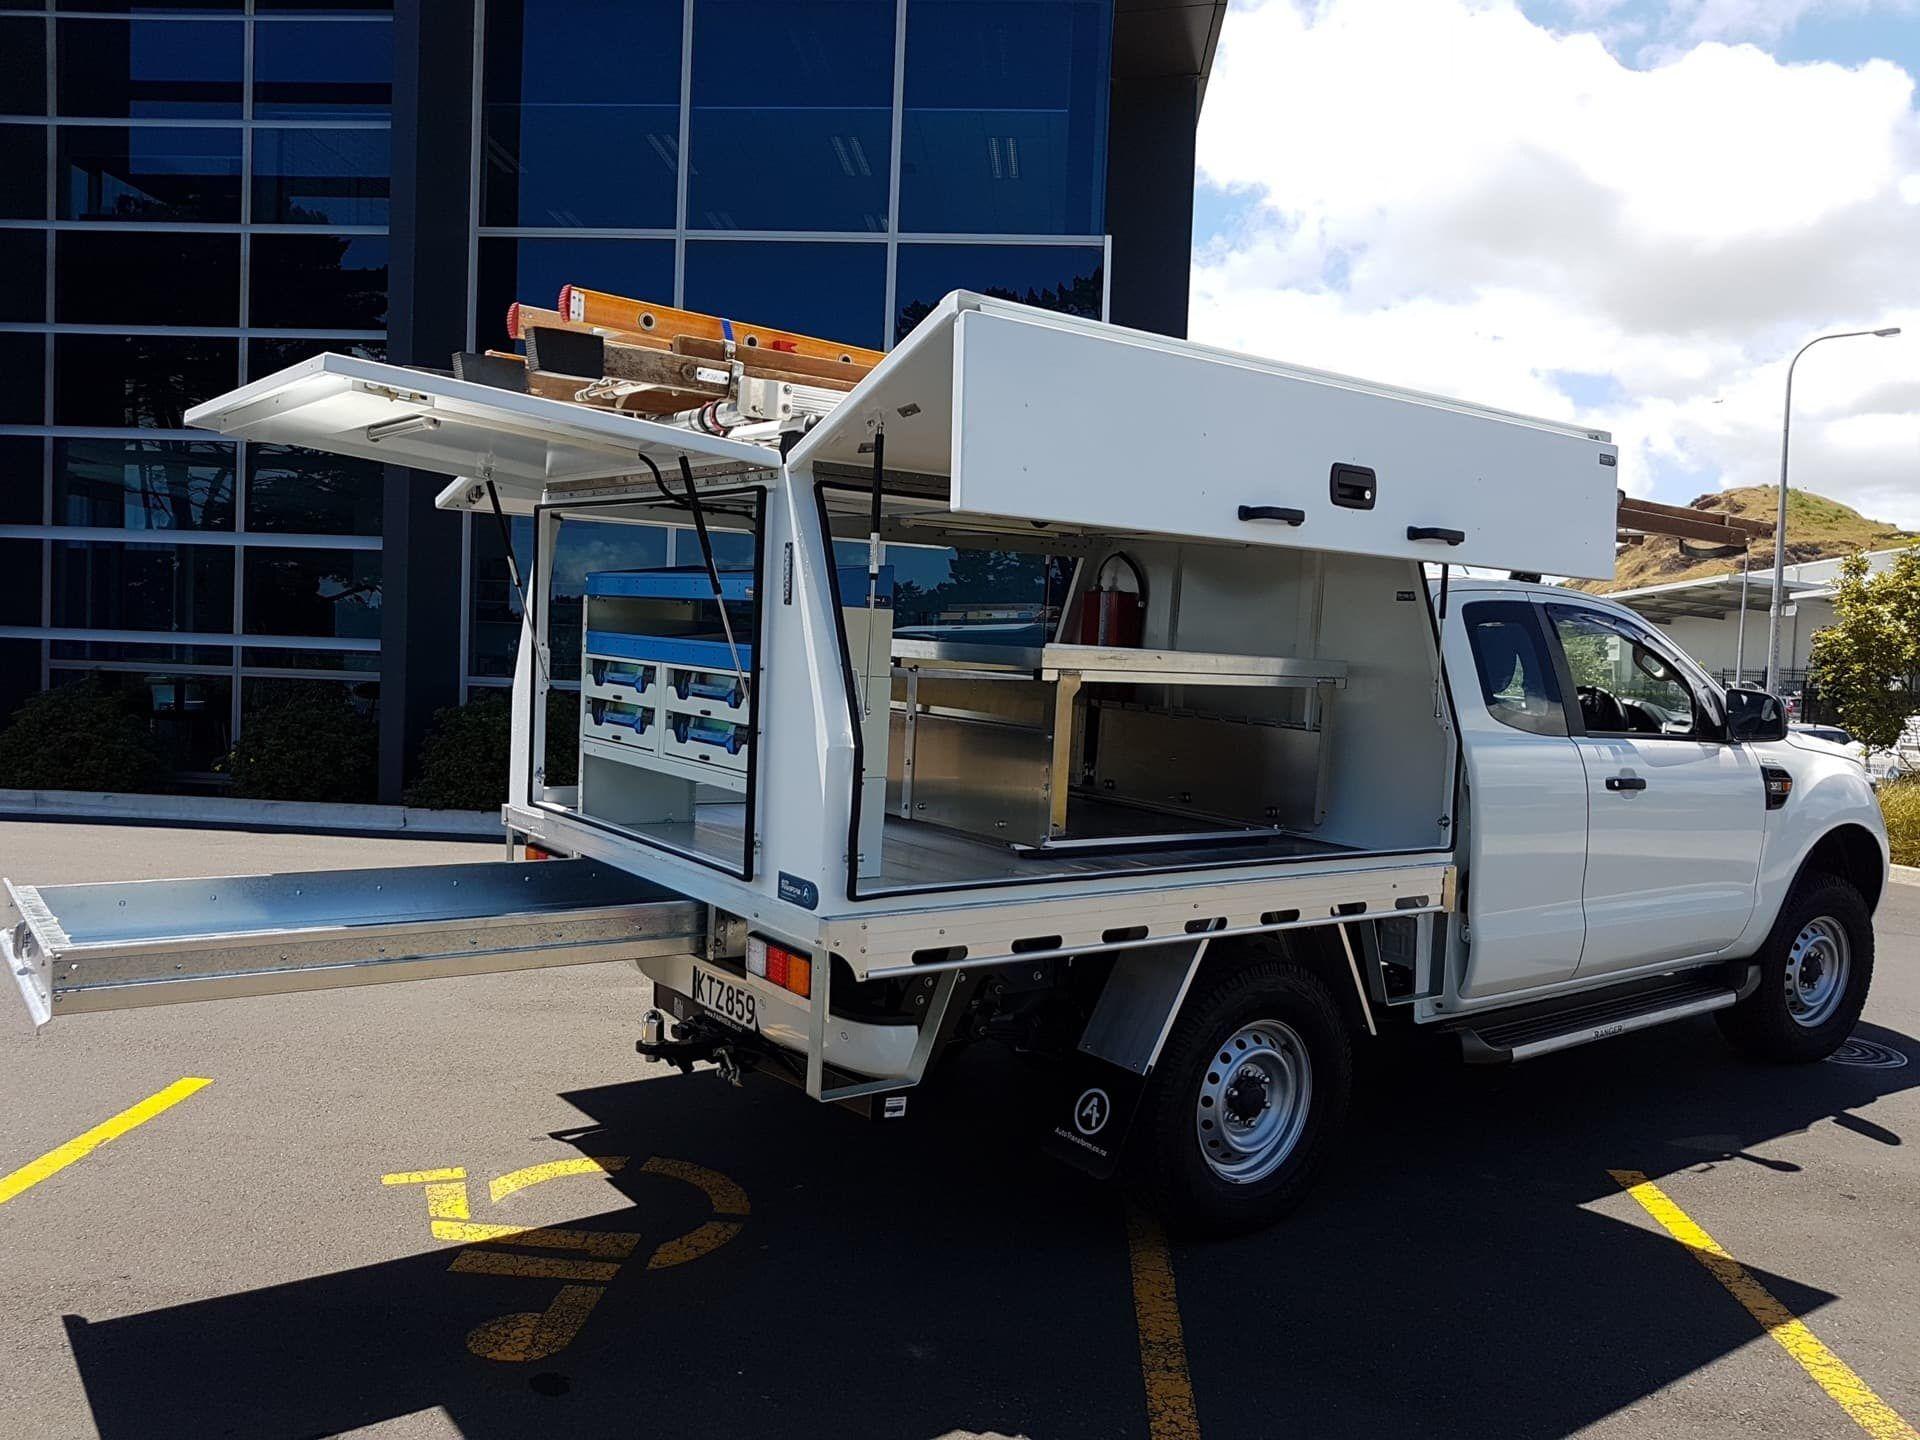 Van storage for tradies